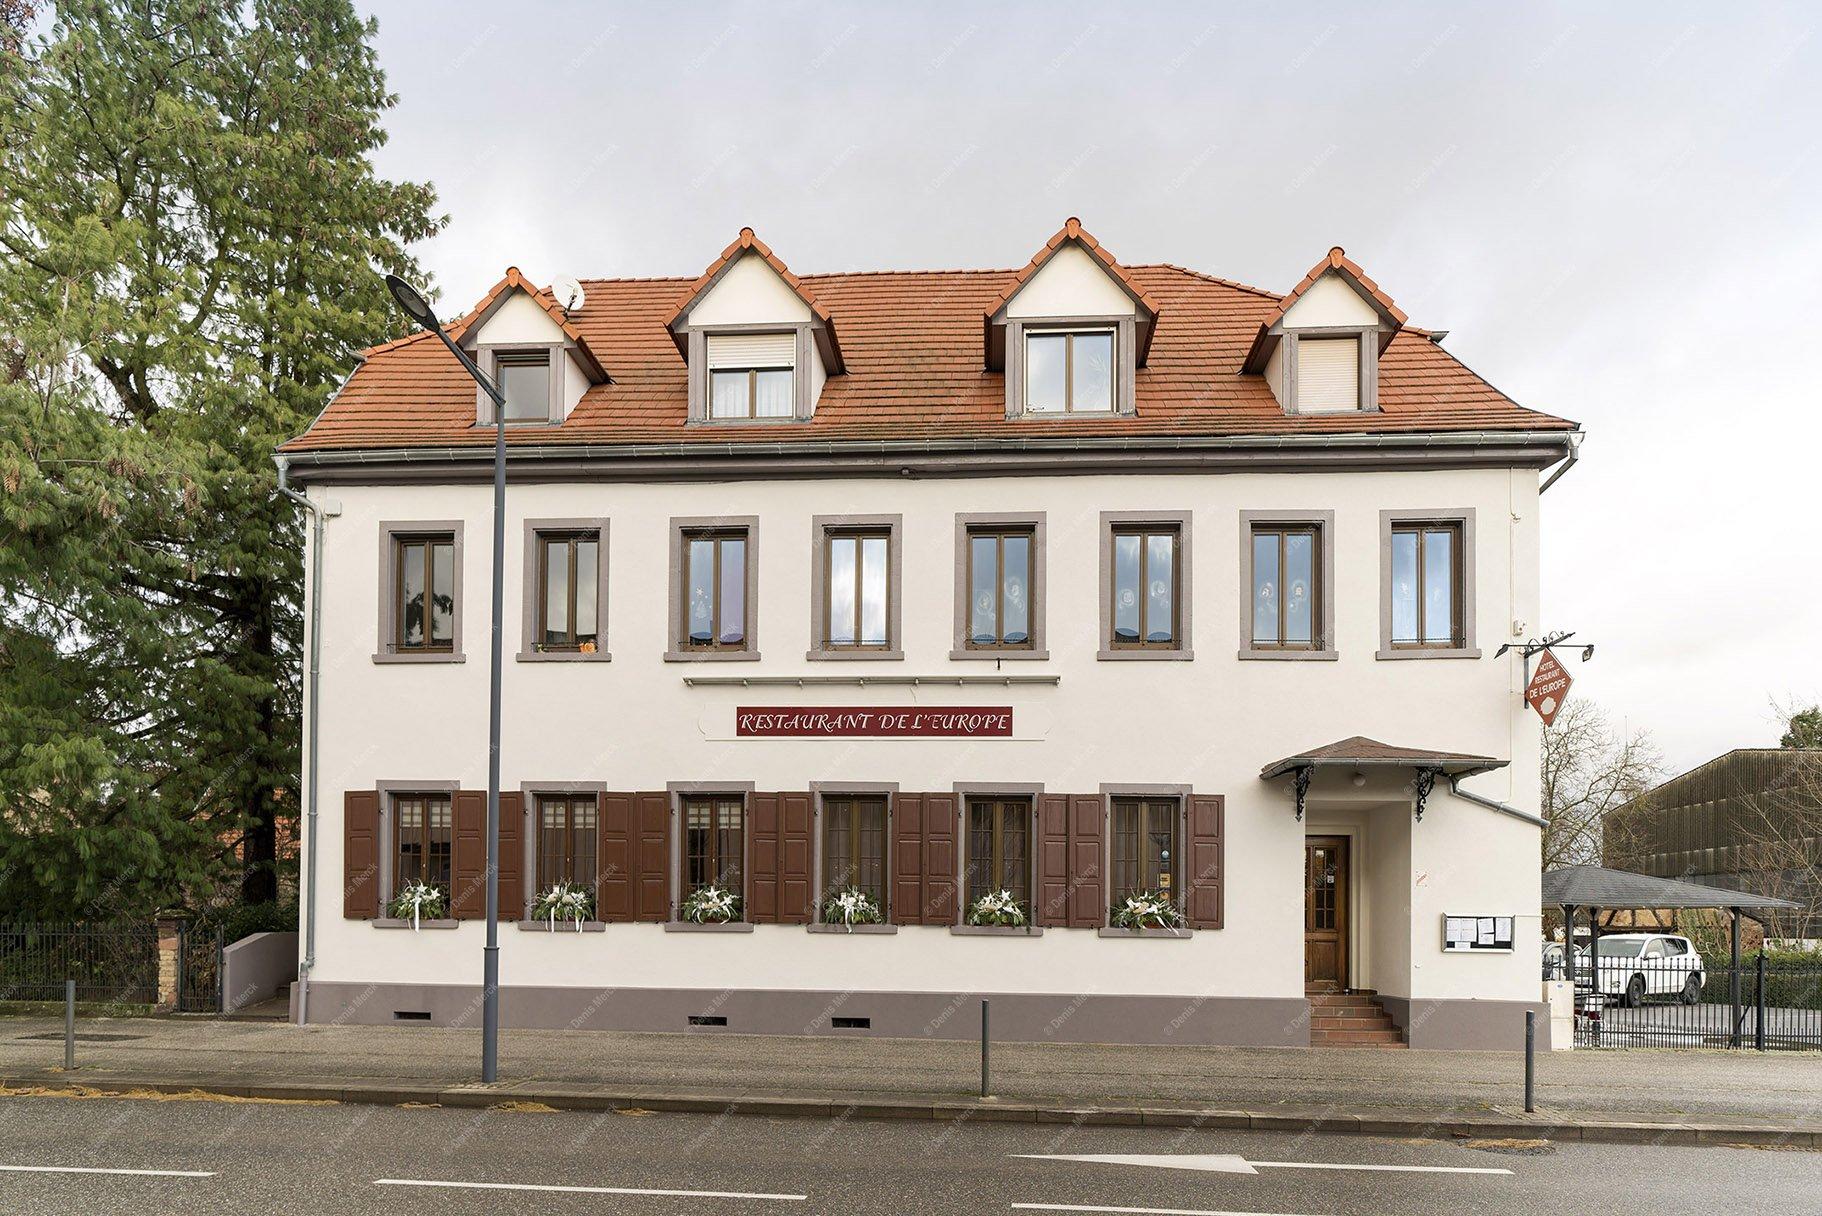 Restaurant de l'Europe - Wissembourg